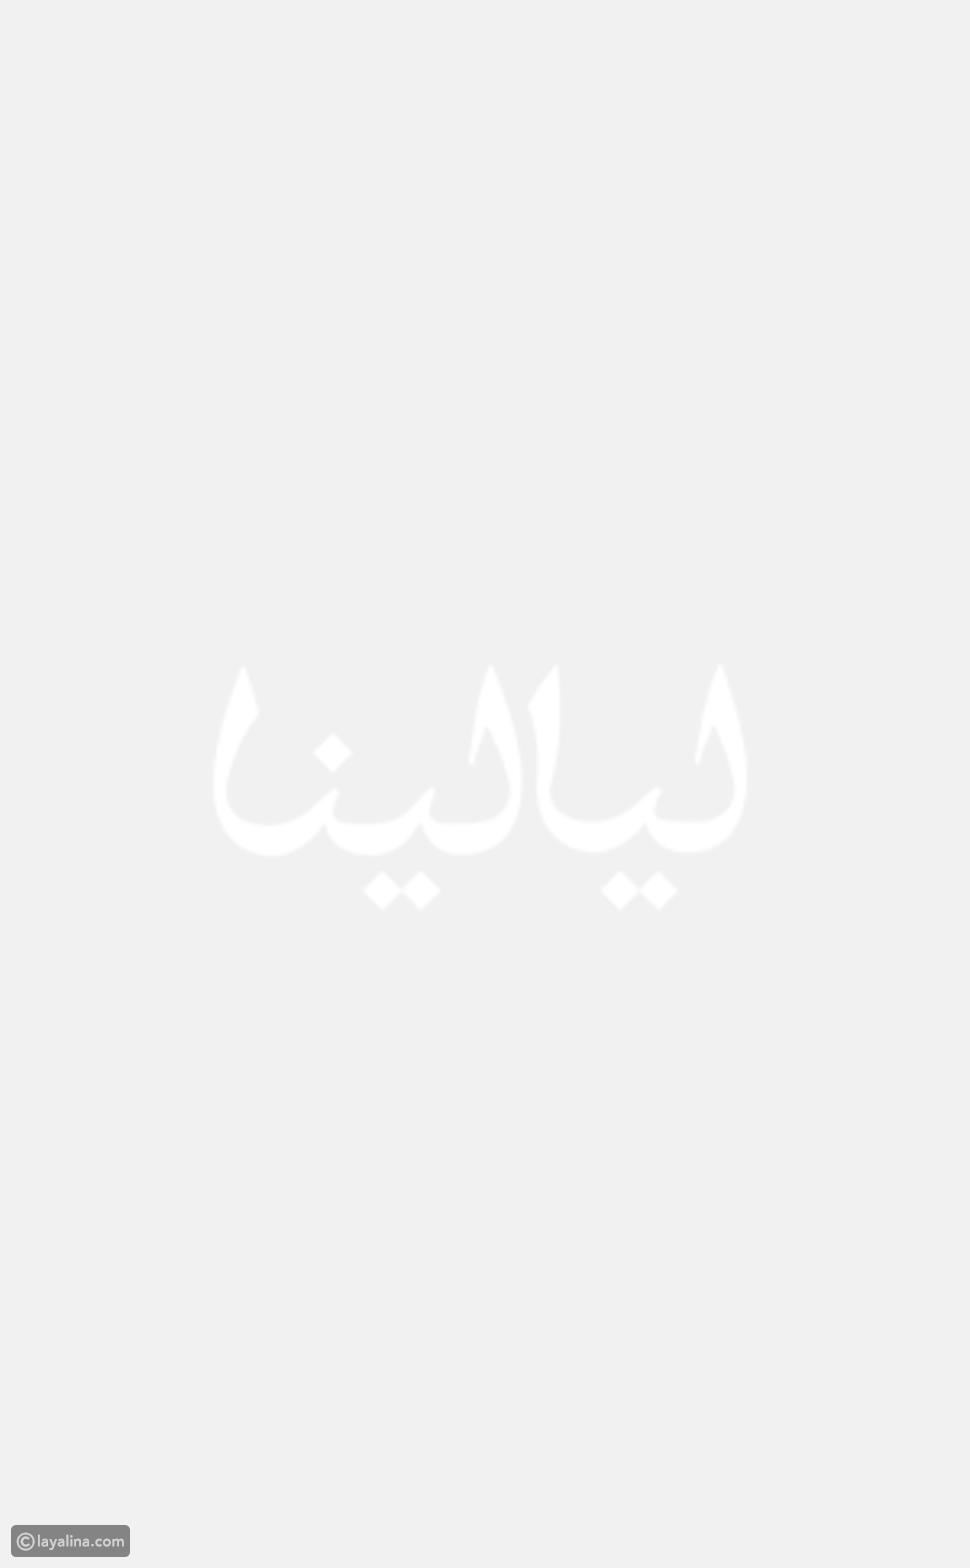 صور وفيديو الشيخ حمدان بن محمد بن راشد آل مكتوم يسبح مع أخر فيل من فصيلته في العالم